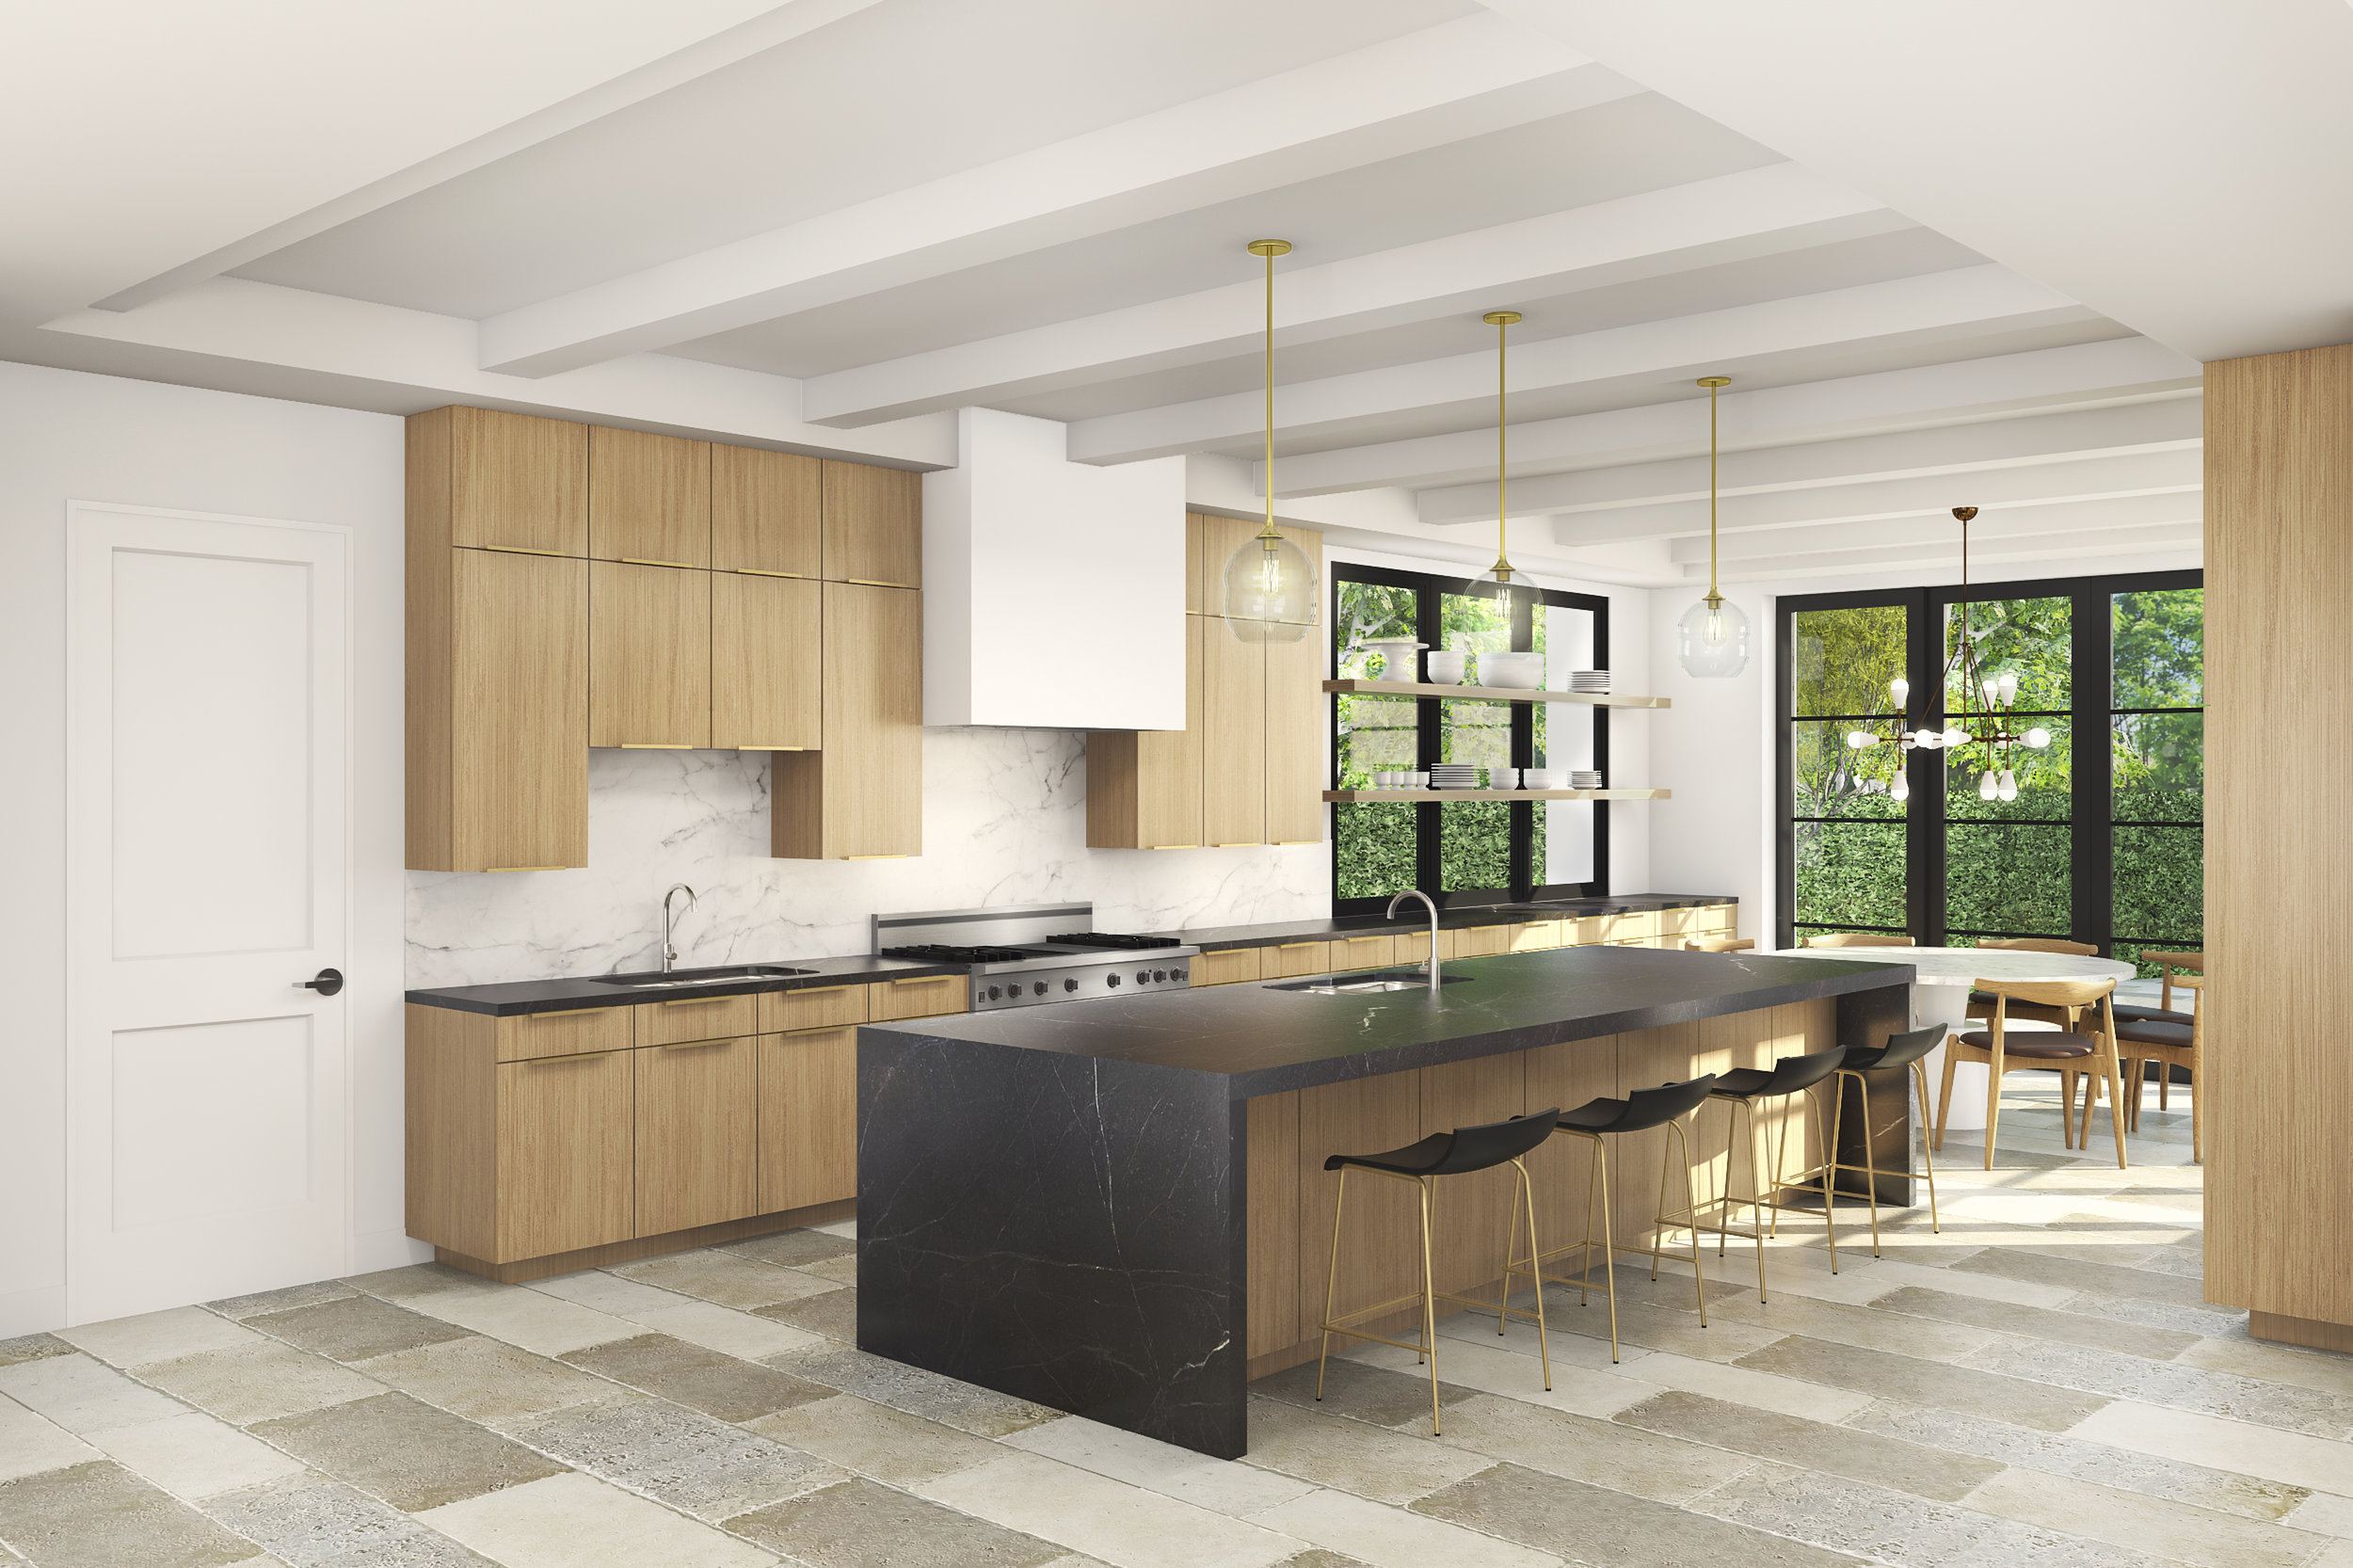 3 Kitchen Rendering.jpg